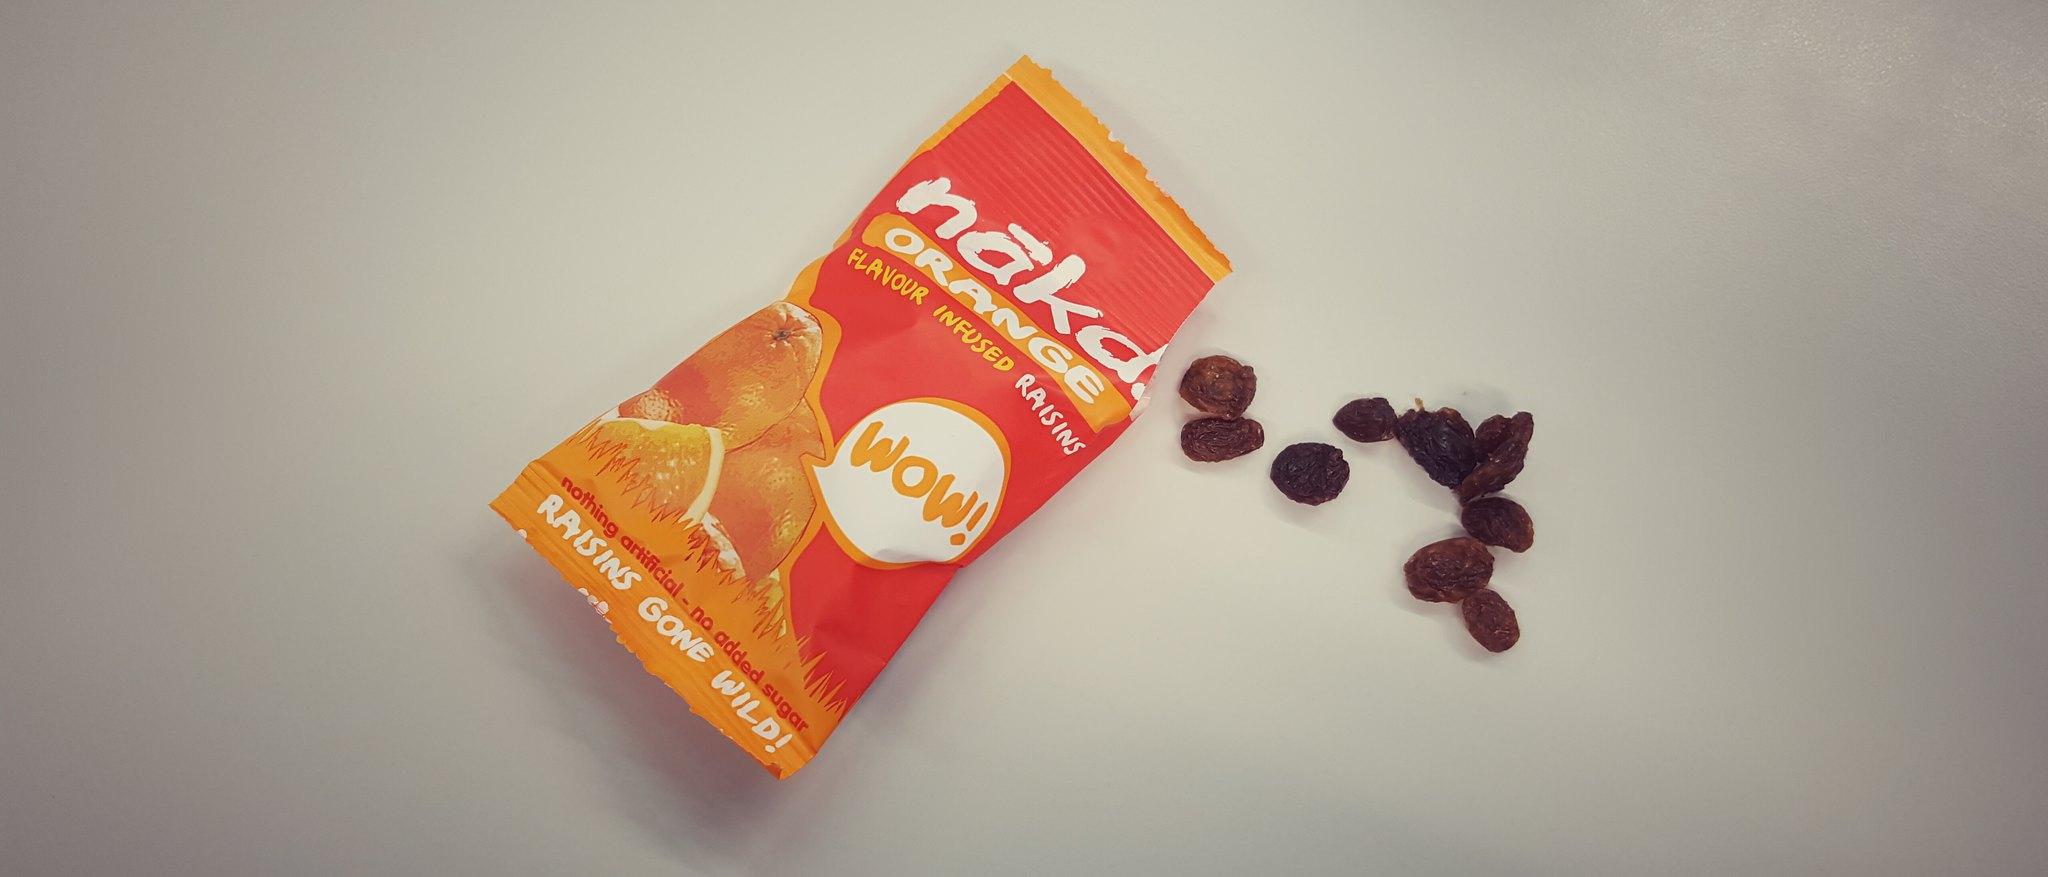 Nakd Flavoured Raisins - Orange